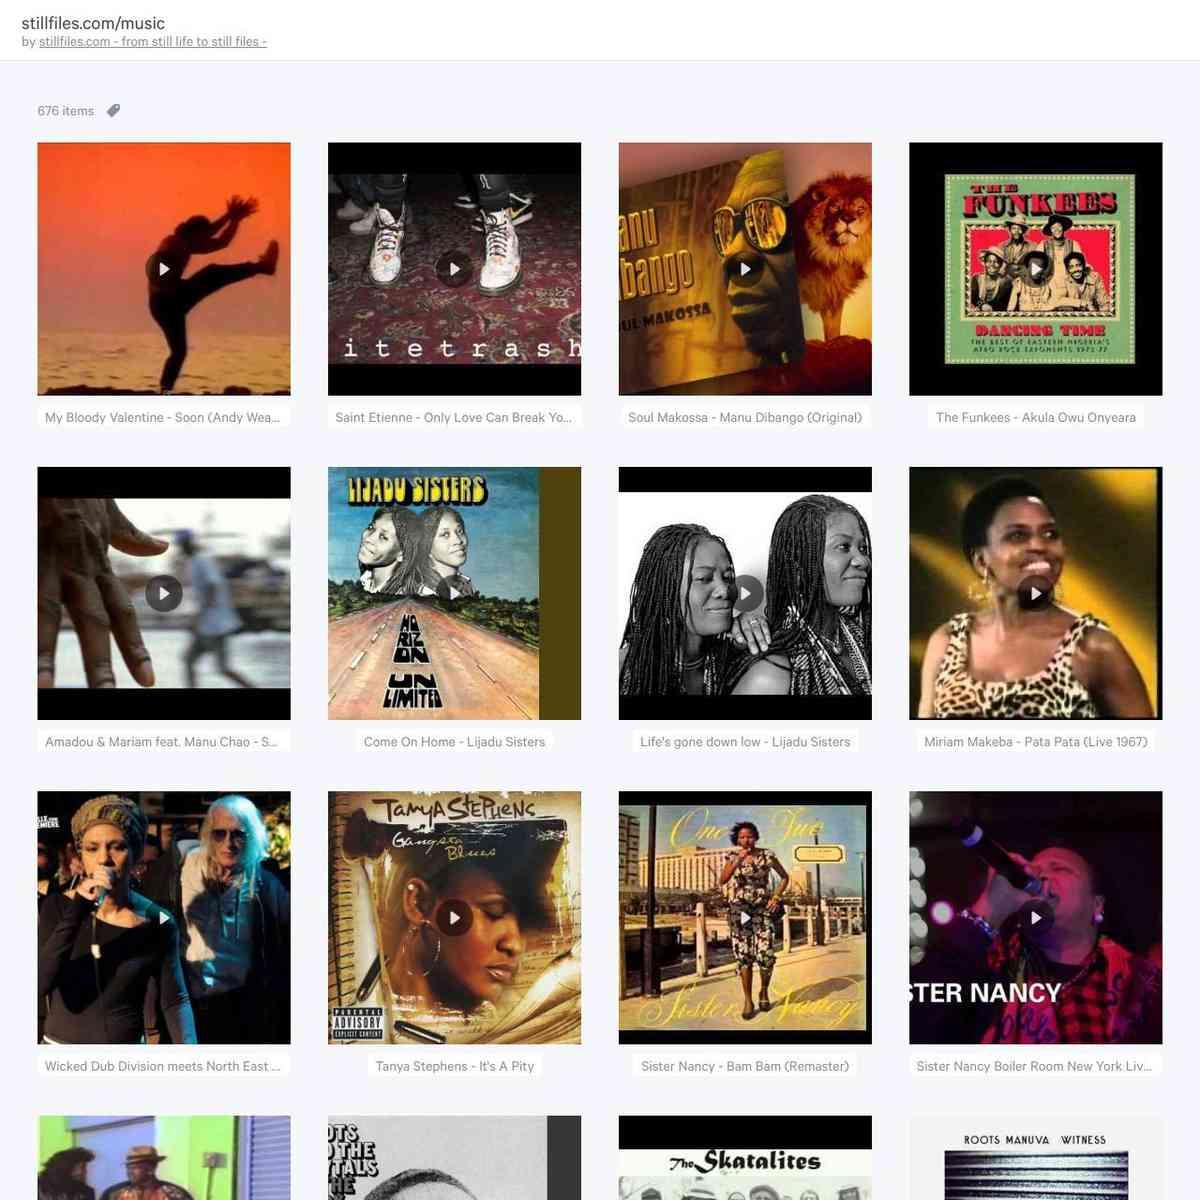 stillfiles.com/music